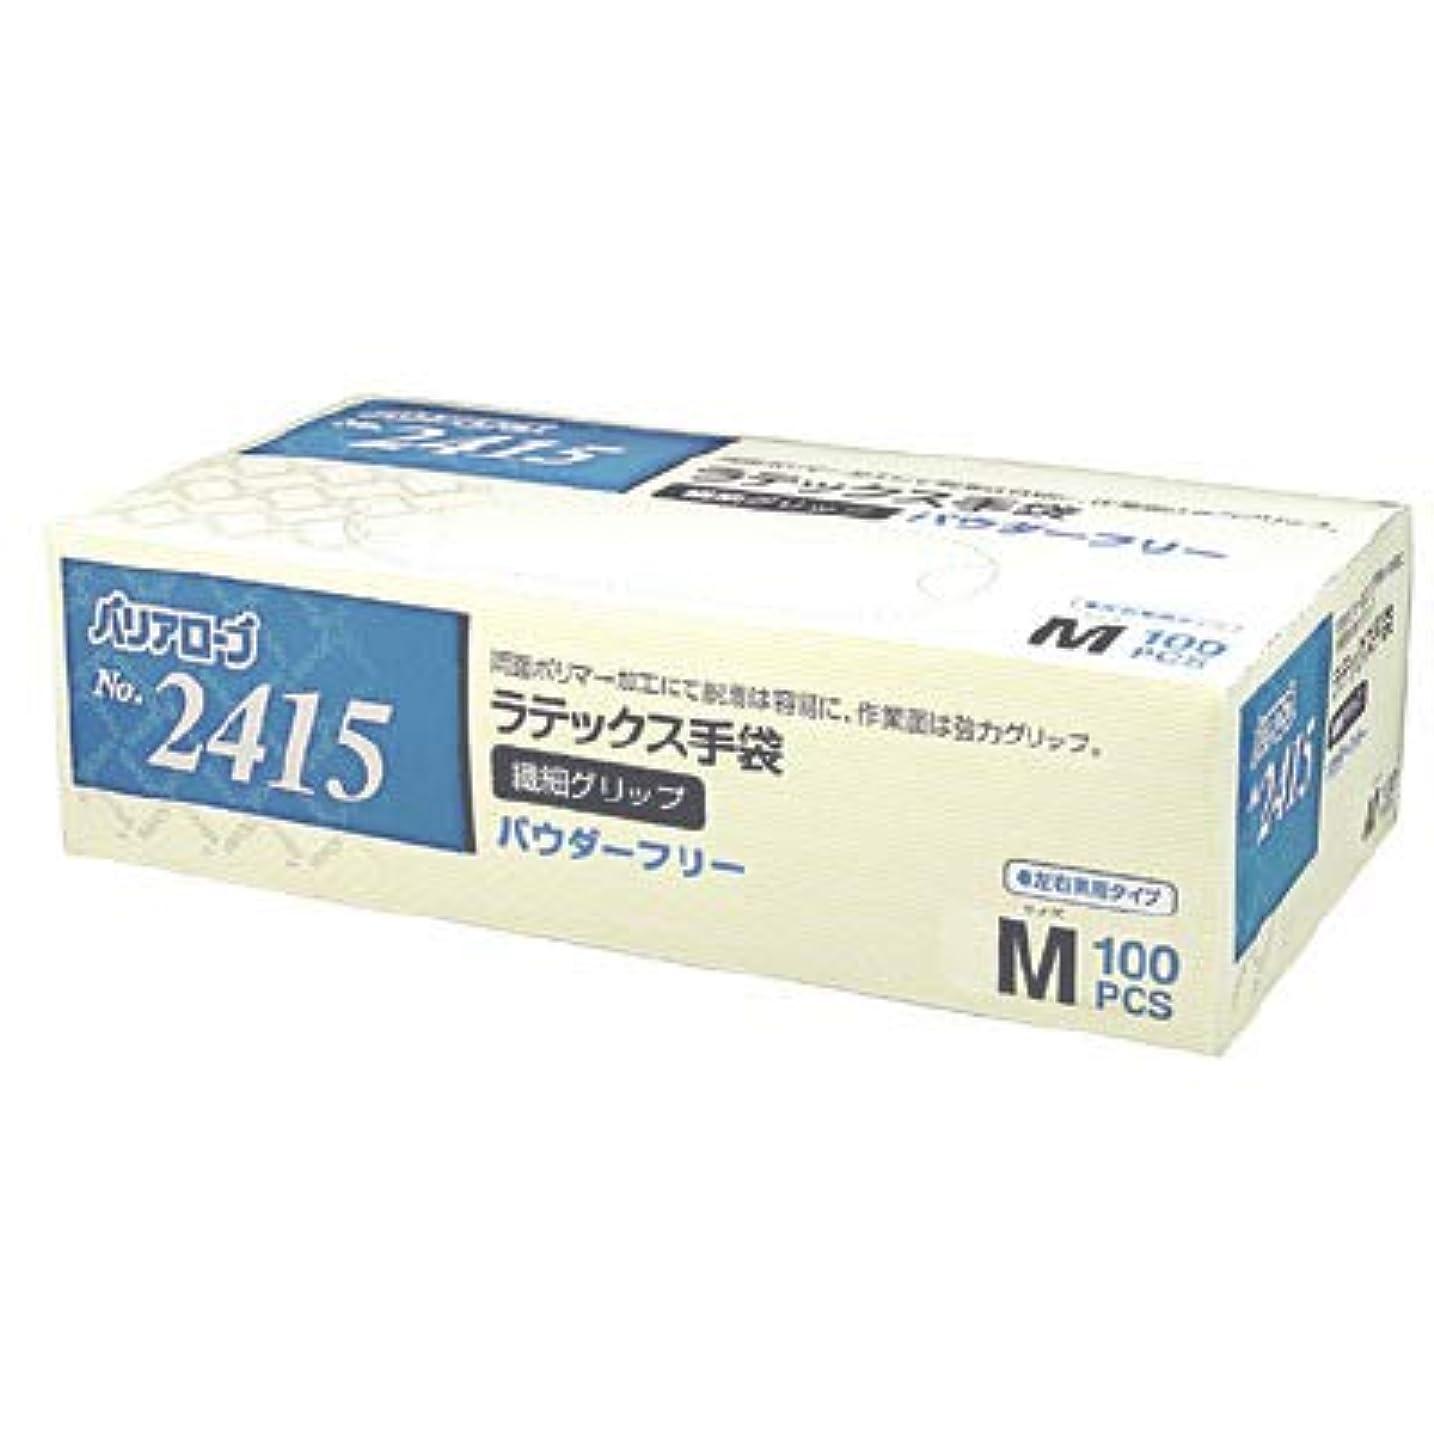 マークシャンプースリット【ケース販売】 バリアローブ №2415 ラテックス手袋 繊細グリップ (パウダーフリー) M 2000枚(100枚×20箱)